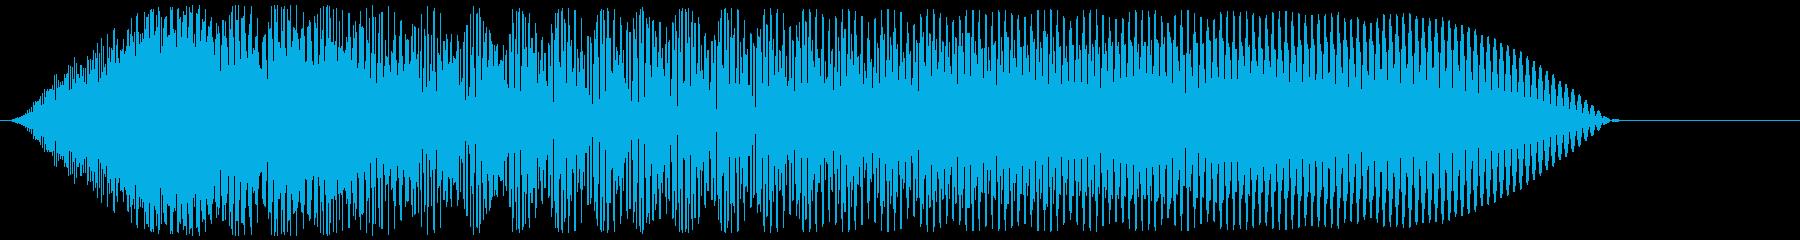 不協和音ハウリング【ホラー】ヒィオーゥンの再生済みの波形